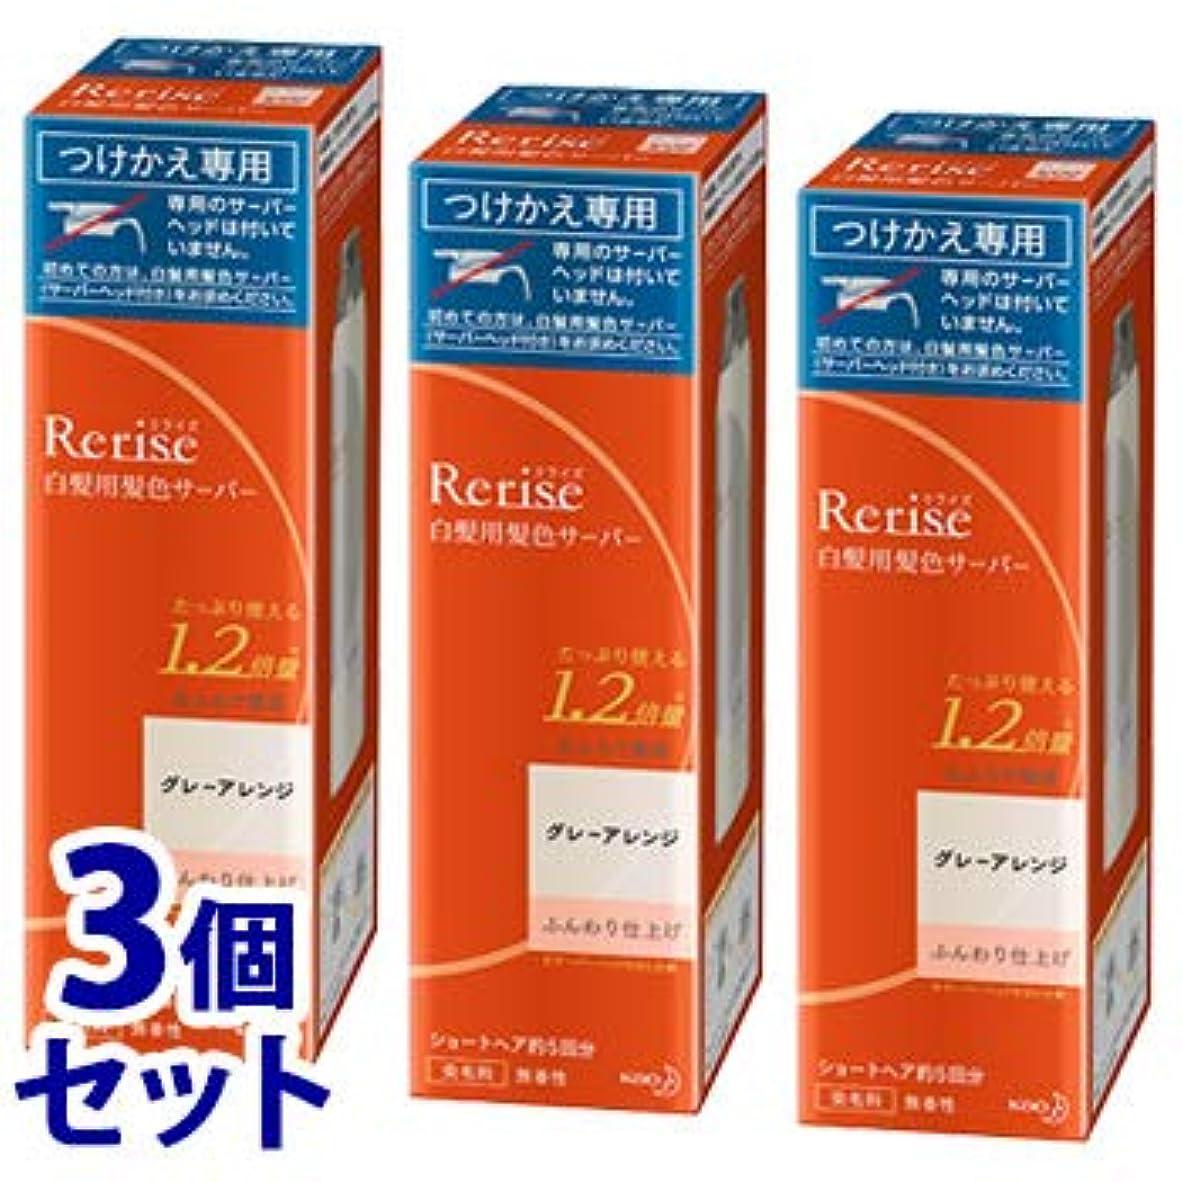 平均バンジョー忌み嫌う《セット販売》 花王 リライズ 白髪用髪色サーバー グレーアレンジ ふんわり仕上げ つけかえ用 (190g)×3個セット 付け替え用 染毛料